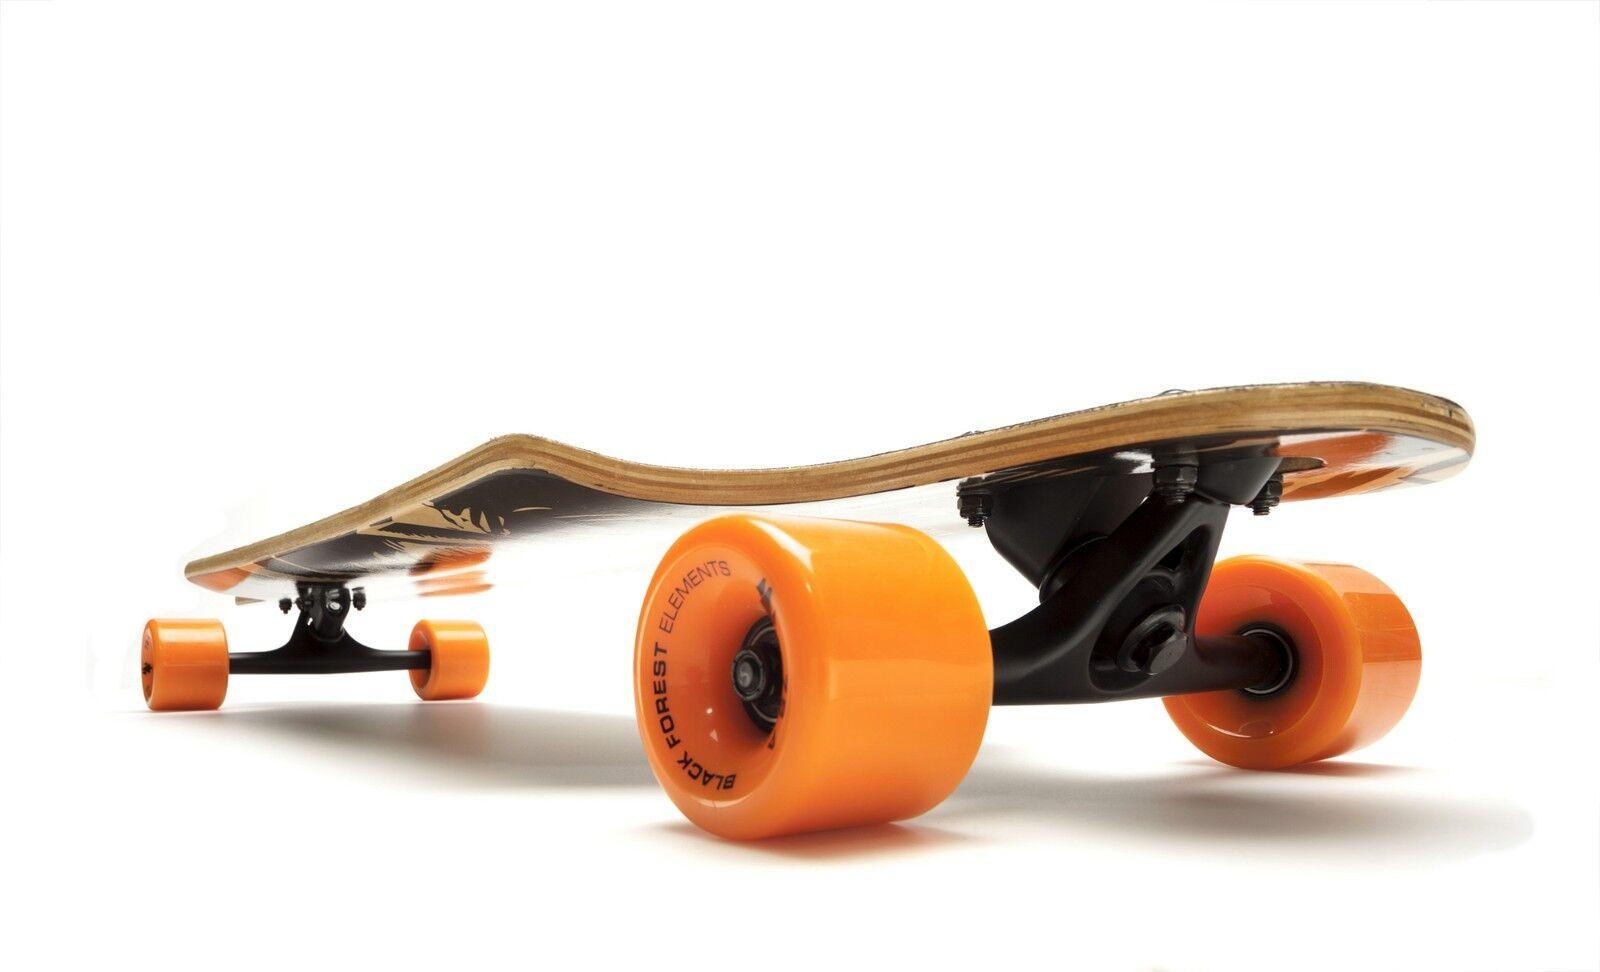 schwarz FOREST DRIFTER  36  Orange - Komplett Skateboard Skateboard Skateboard Longboard - 2724c8